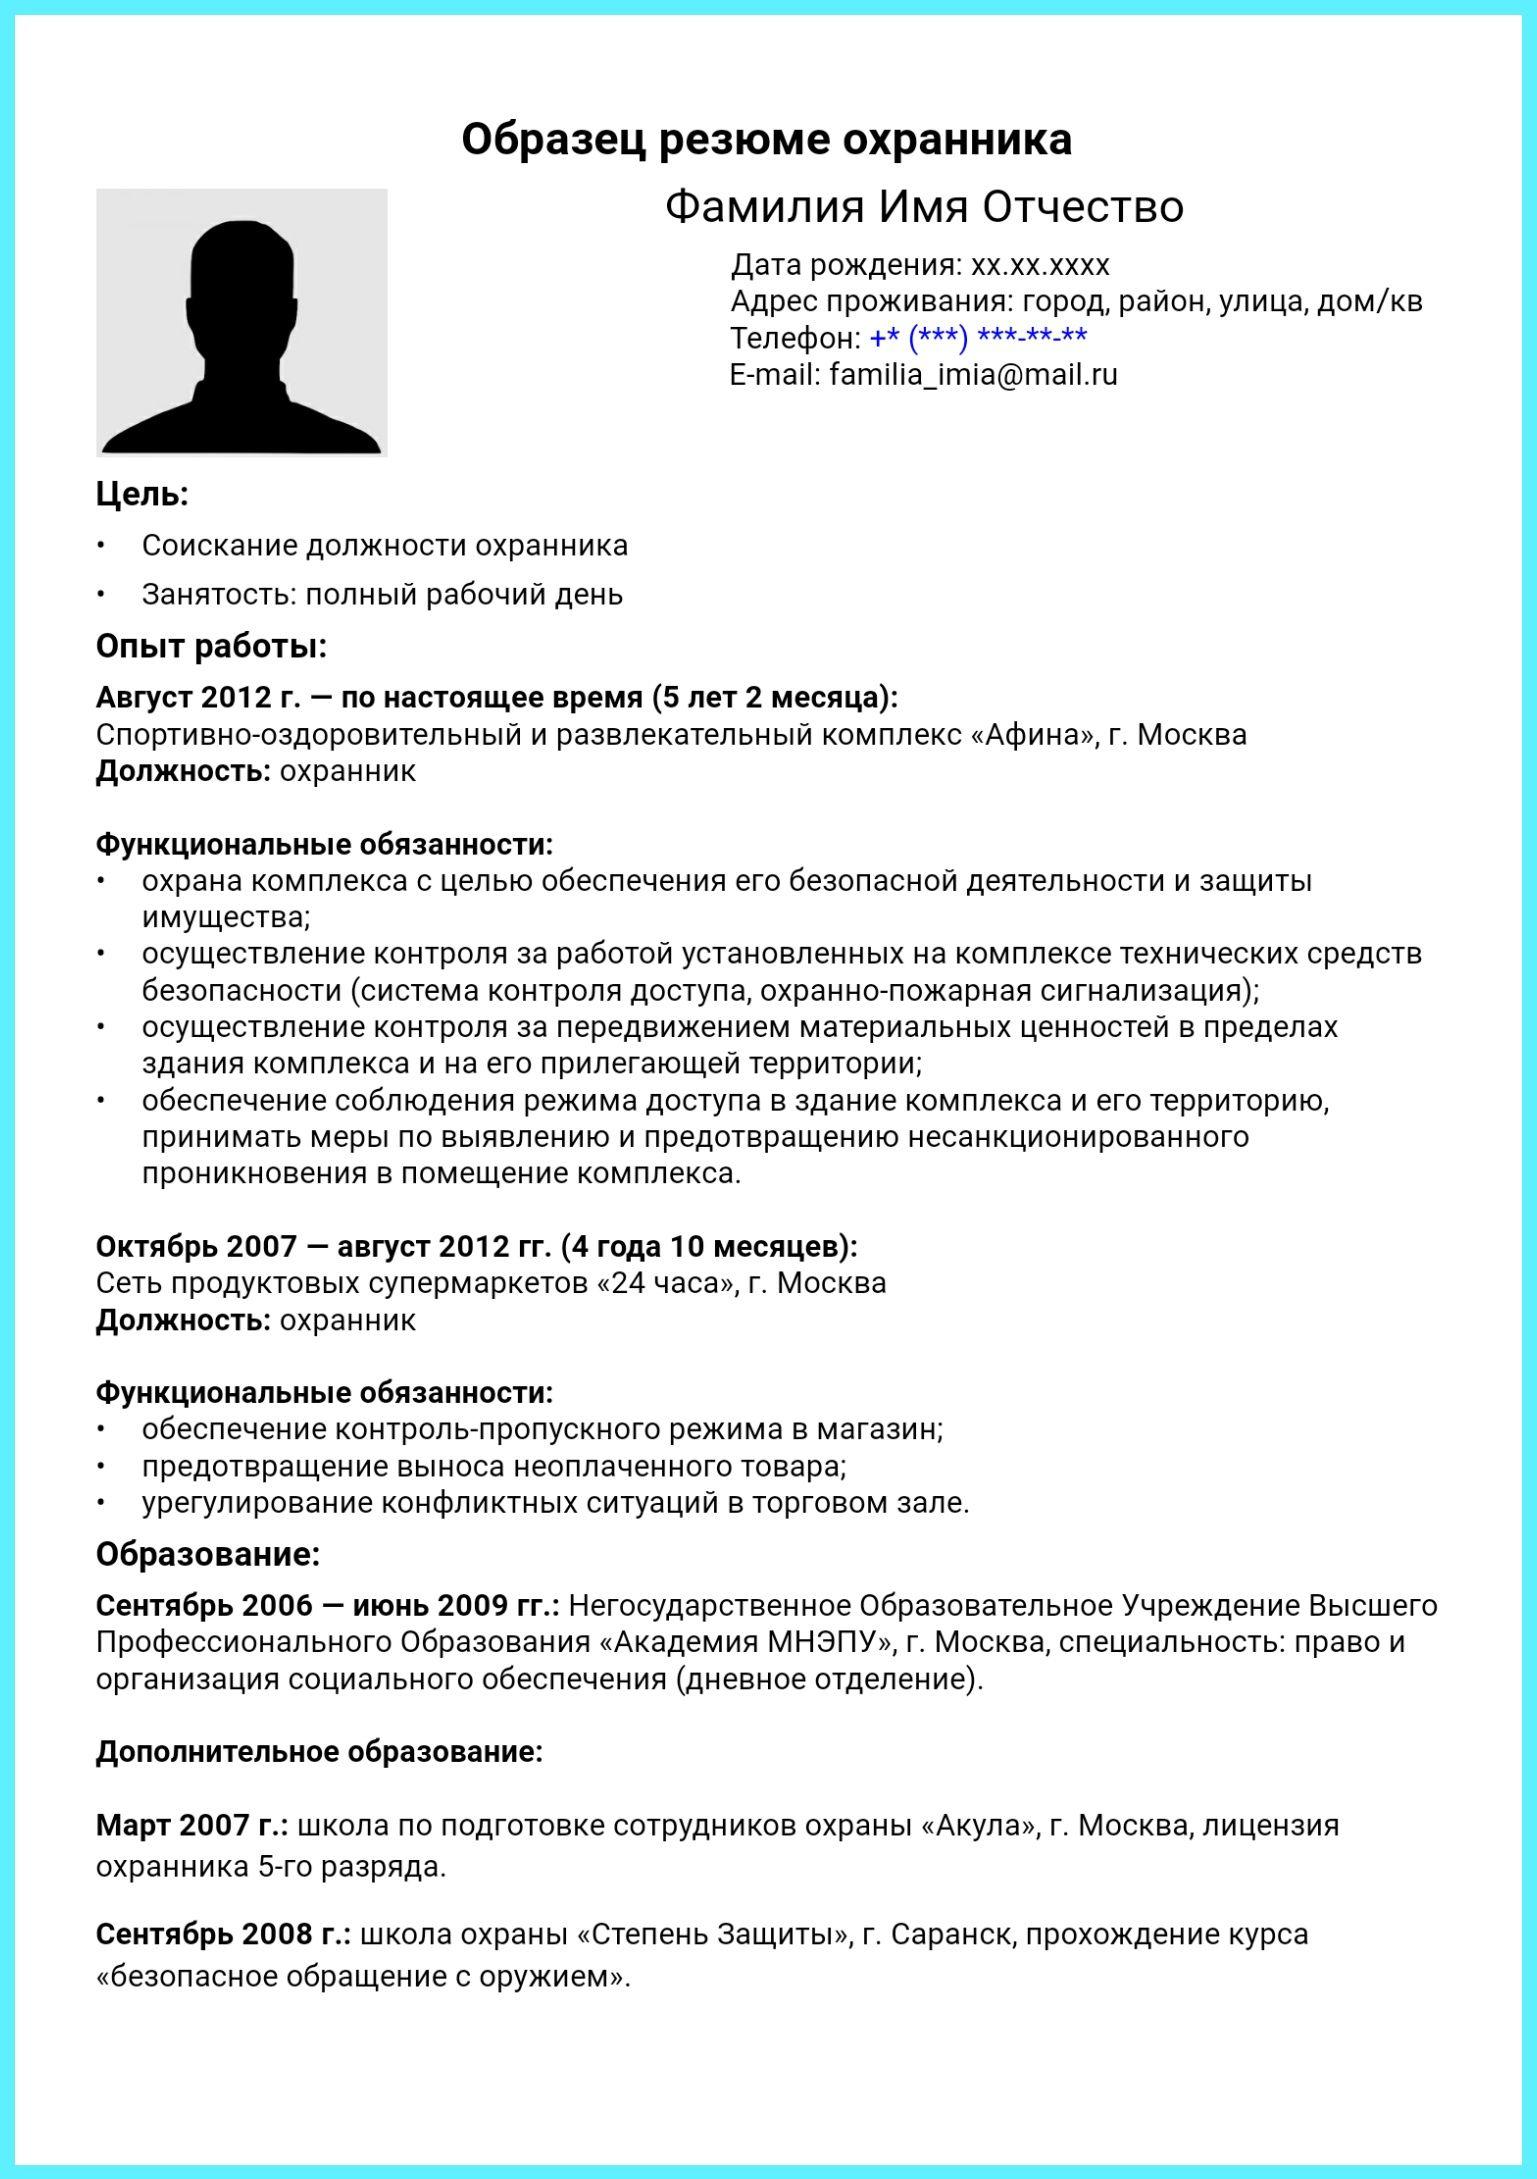 работа в москве для девушек с резюме